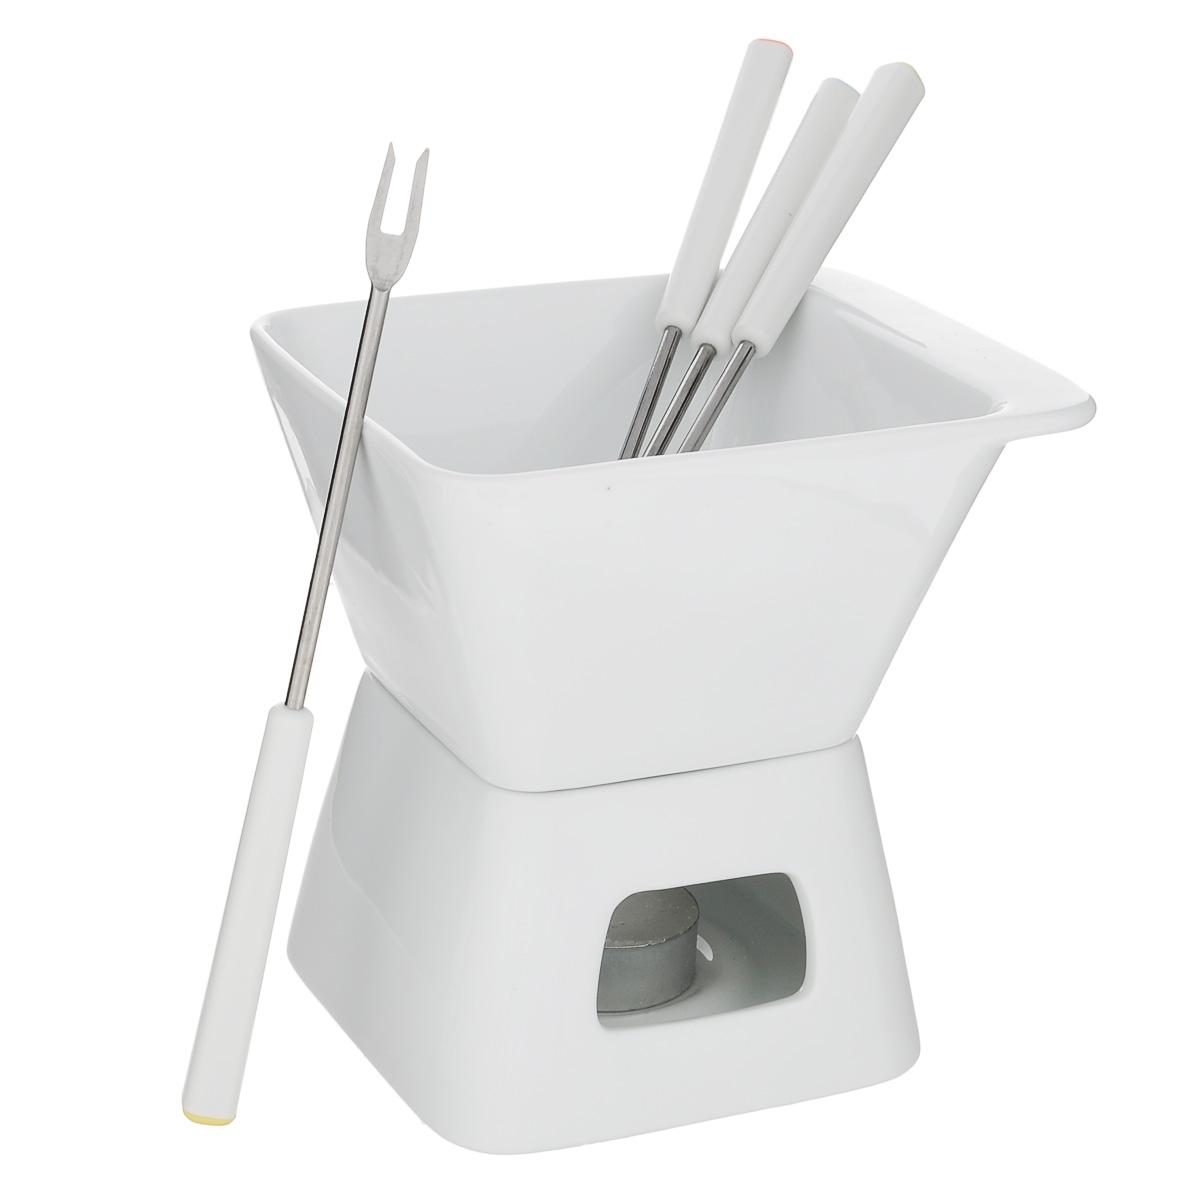 Набор для шоколадного фондю Tescoma Gustito, цвет: белый, 7 предметов386396Набор для шоколадного фондю Tescoma Gustito, изготовленный из первоклассного жароупорного фарфора, прекрасно подойдет для вашей кухни. Рассчитан на 4 персоны. Набор состоит из чаши и подставки. В центр подставки устанавливается свеча-таблетка (прилагается в наборе), сверху ставится чаша для соуса. К набору прилагаются 4 вилочки. В чашечке растапливается сыр, шоколад - все что угодно, на вилочки насаживается хлеб или зефир (к шоколаду). Вилки выполнены из высококачественной нержавеющей стали и прочного пластика. Набор можно мыть в посудомоечной машине.Фондю, любимое швейцарское блюдо, завоевывает популярность во многих странах. Нехитрое приспособление, устанавливаемое прямо на стол, позволяет каждому проявить свою изобретательность в приготовлении блюд. В ход идут любые продукты, их выбор зависит лишь от индивидуального вкуса. В приготовлении этого блюда участвуют сами гости, поэтому оно вносит оживление в любое застолье. Фондю - отличный способ собраться вместе с близкими людьми.Размер чаши: 13 см х 11 с х 7 см.Размер подставки: 10,5 см х 10,5 см х 6,5 см.Диаметр свечи: 4 см.Длина вилки: 18 см.